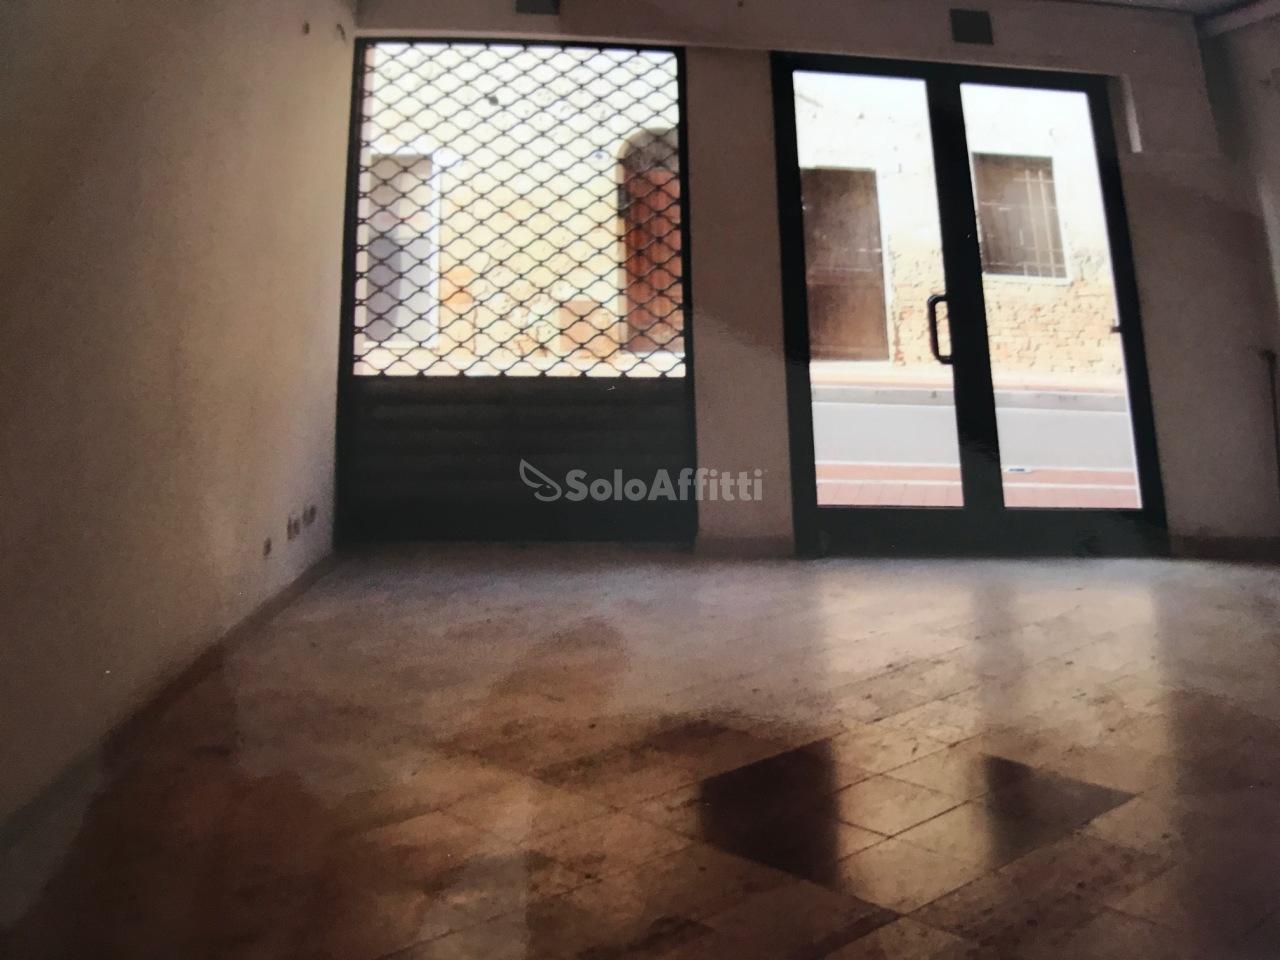 Fondo/negozio - 2 vetrine/luci a Centro, Monteroni d'Arbia Rif. 5323791